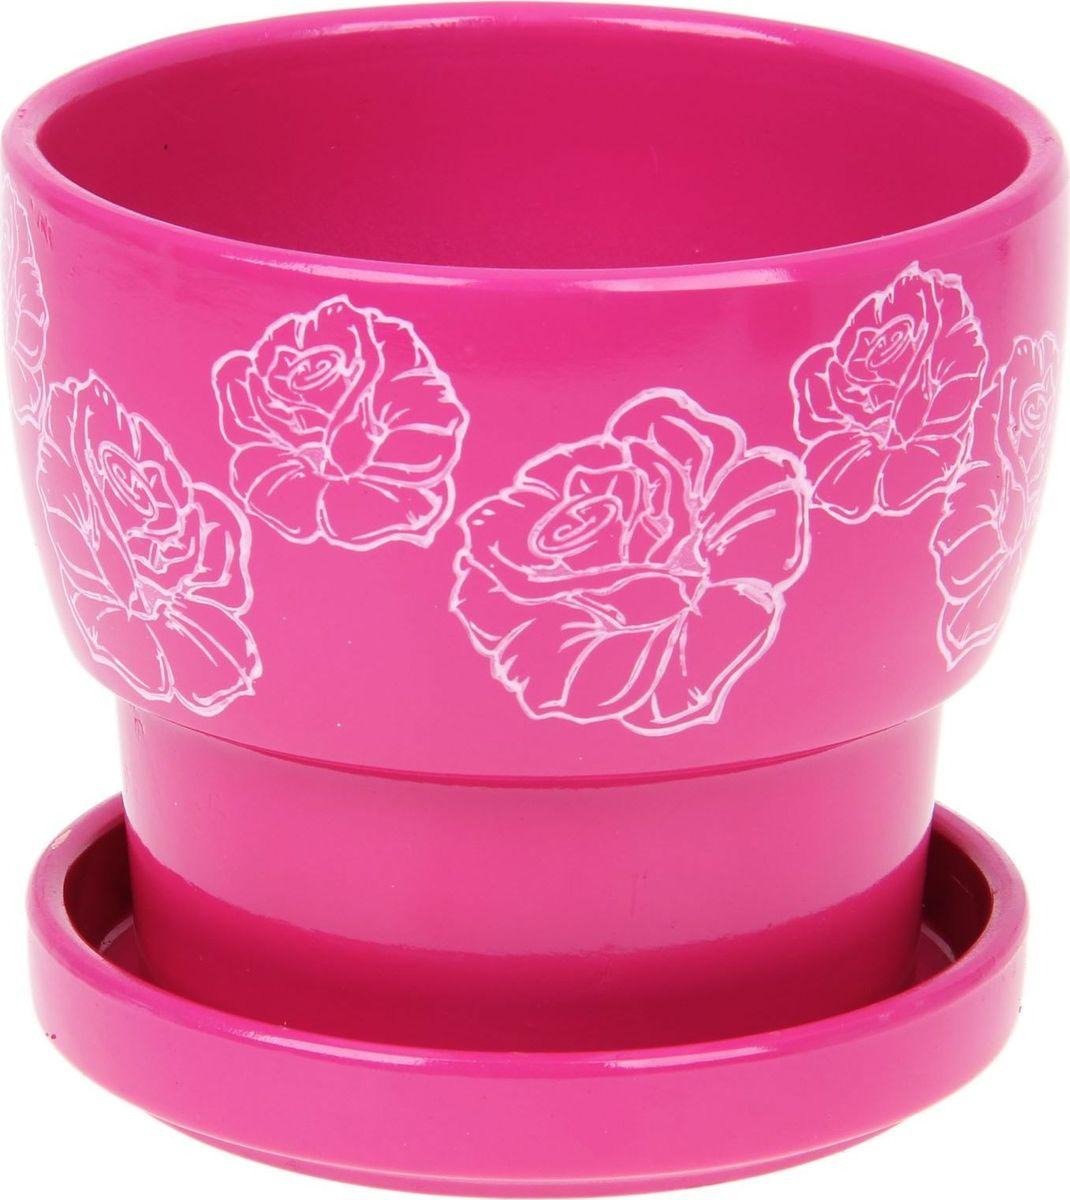 Кашпо Белые розы, цвет: розовый, 1,24 л1056037Комнатные растения — всеобщие любимцы. Они радуют глаз, насыщают помещение кислородом и украшают пространство. Каждому из них необходим свой удобный и красивый дом. Кашпо из керамики прекрасно подходят для высадки растений: за счёт пластичности глины и разных способов обработки существует великое множество форм и дизайновпористый материал позволяет испаряться лишней влагевоздух, необходимый для дыхания корней, проникает сквозь керамические стенки! #name# позаботится о зелёном питомце, освежит интерьер и подчеркнёт его стиль.